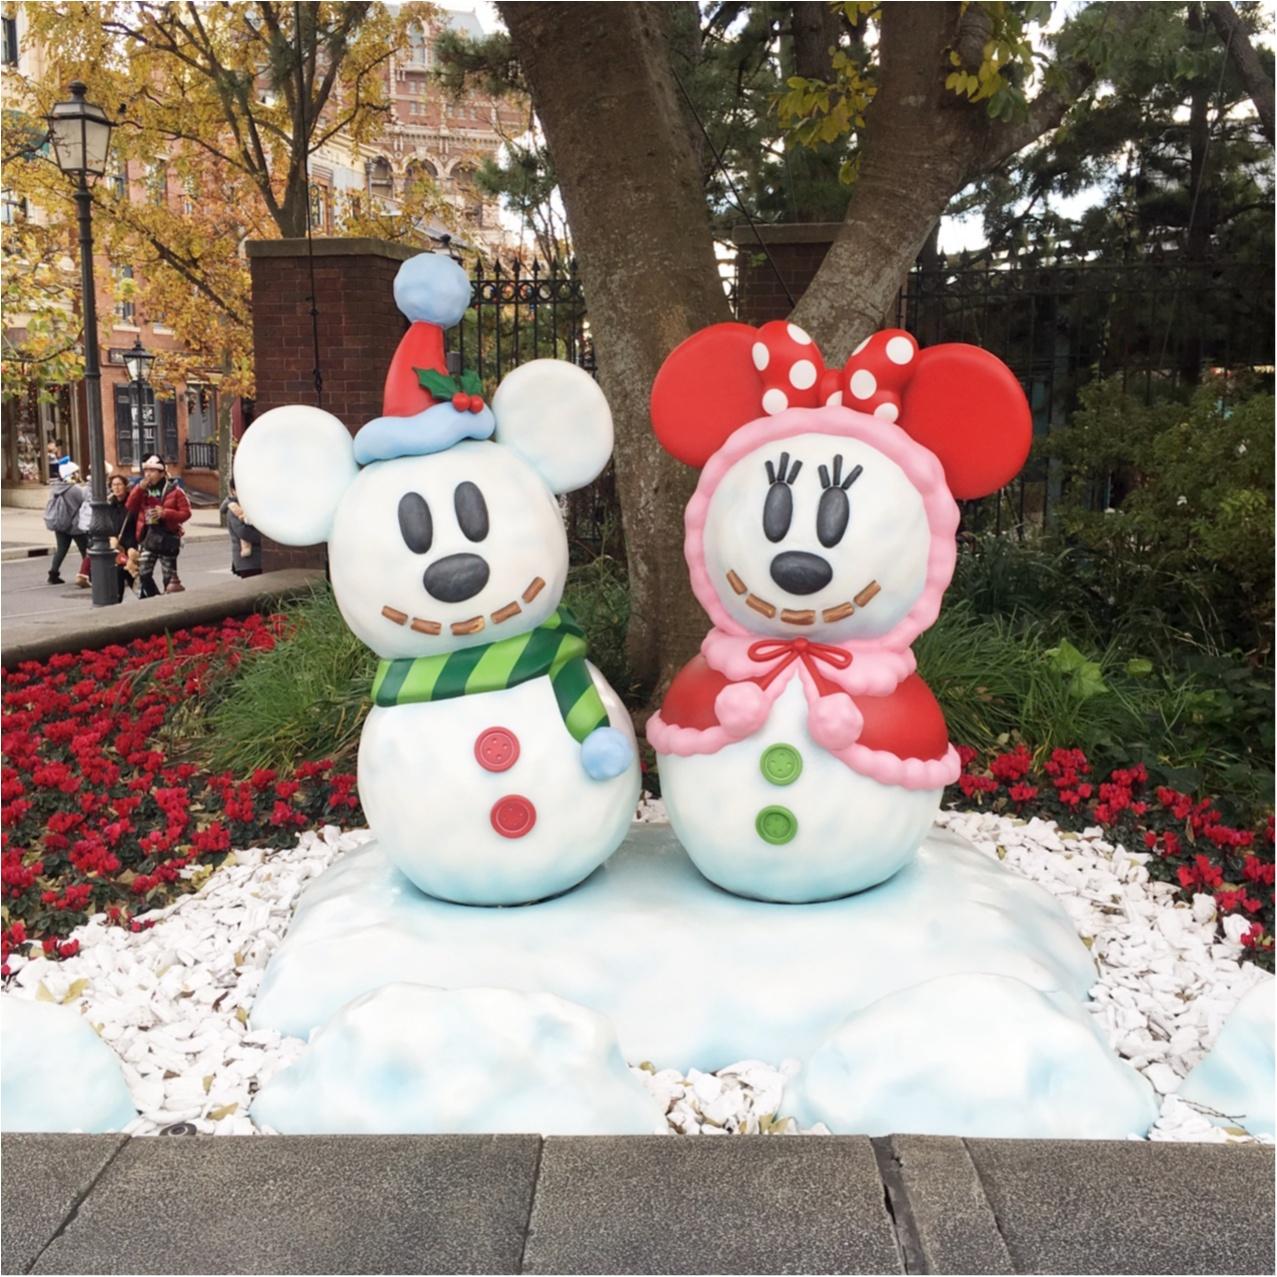 Xmasディズニー♡ 撮りたくなる!私のおすすめクリスマススポットをまとめ♪_5